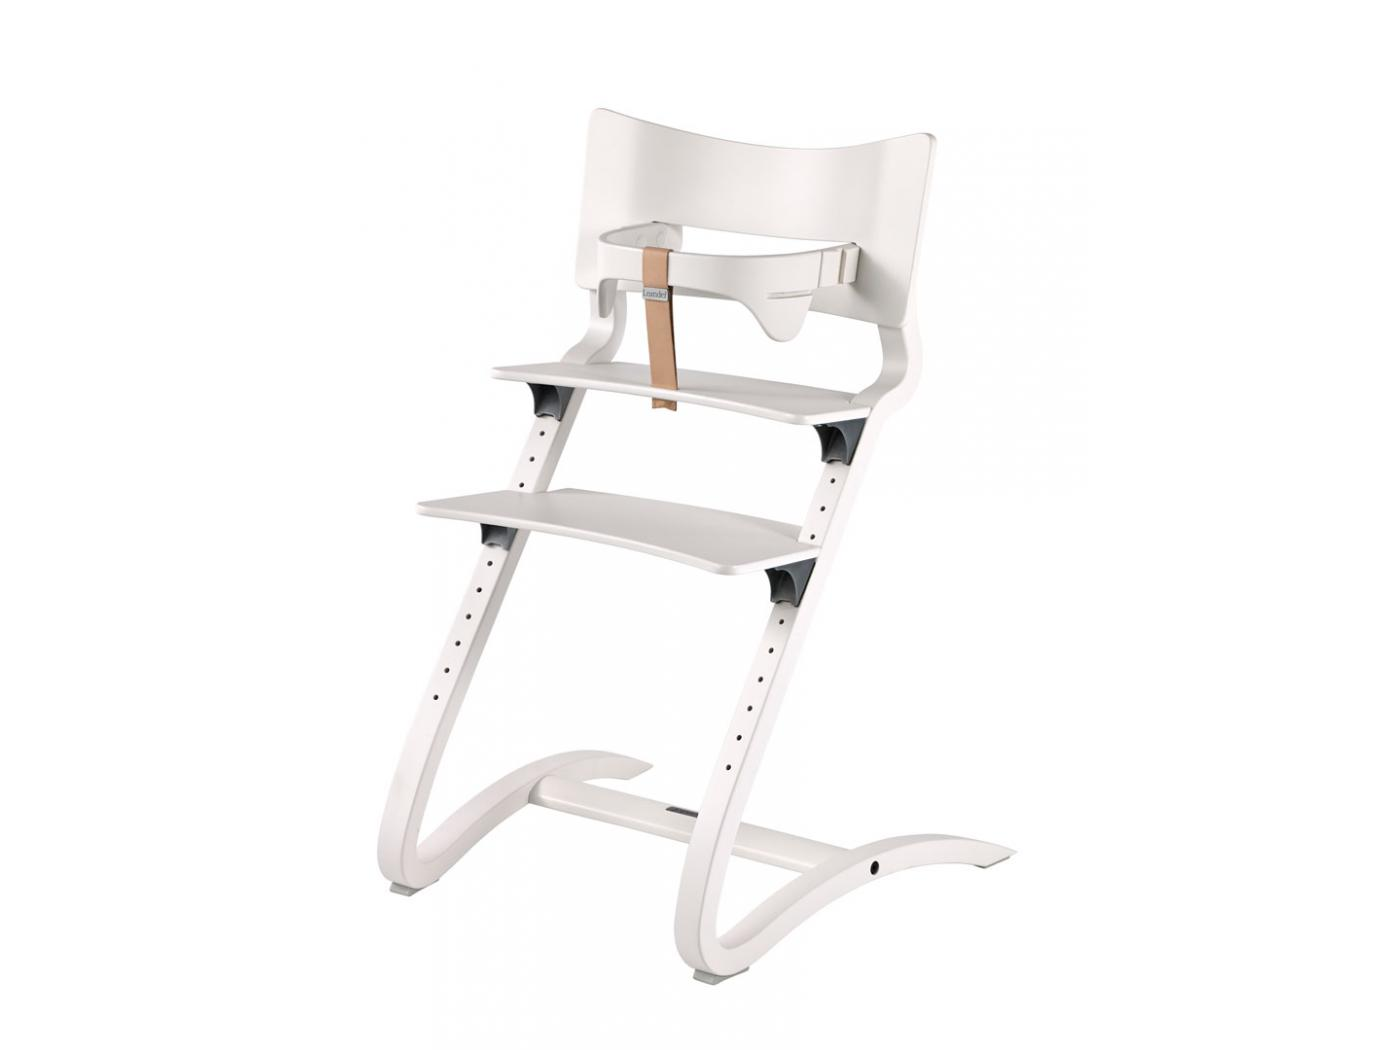 Chaise Evolutive Et Arceau Haute De Sécurité Blanc xBodrCe